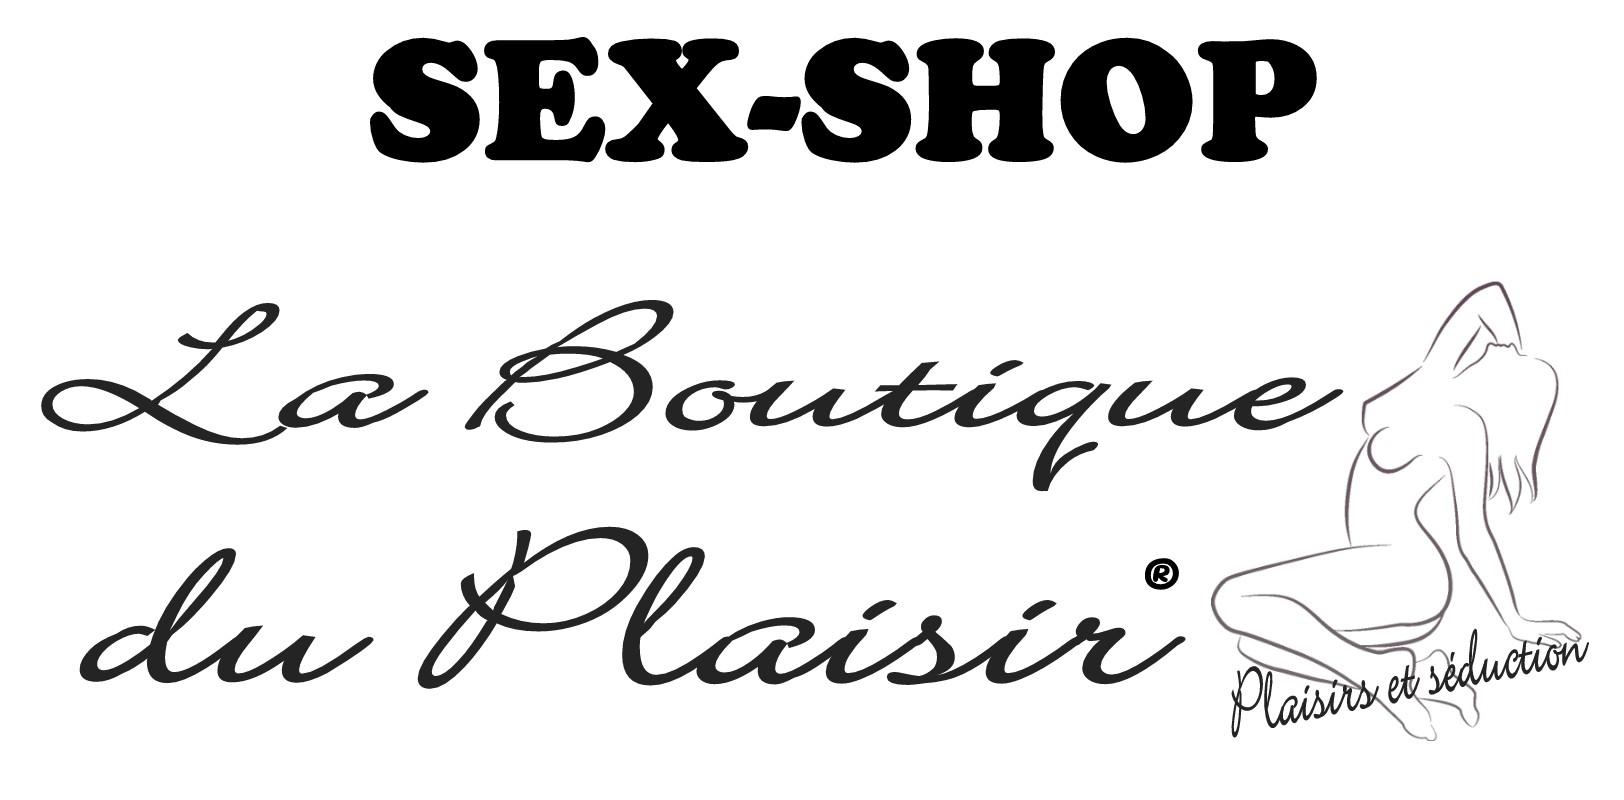 SEX-SHOP EN LIGNE , LA BOUTIQUE DU PLAISIR Lingerie de charme, lingerie coquine, sextoys, bien-être, sex shop...